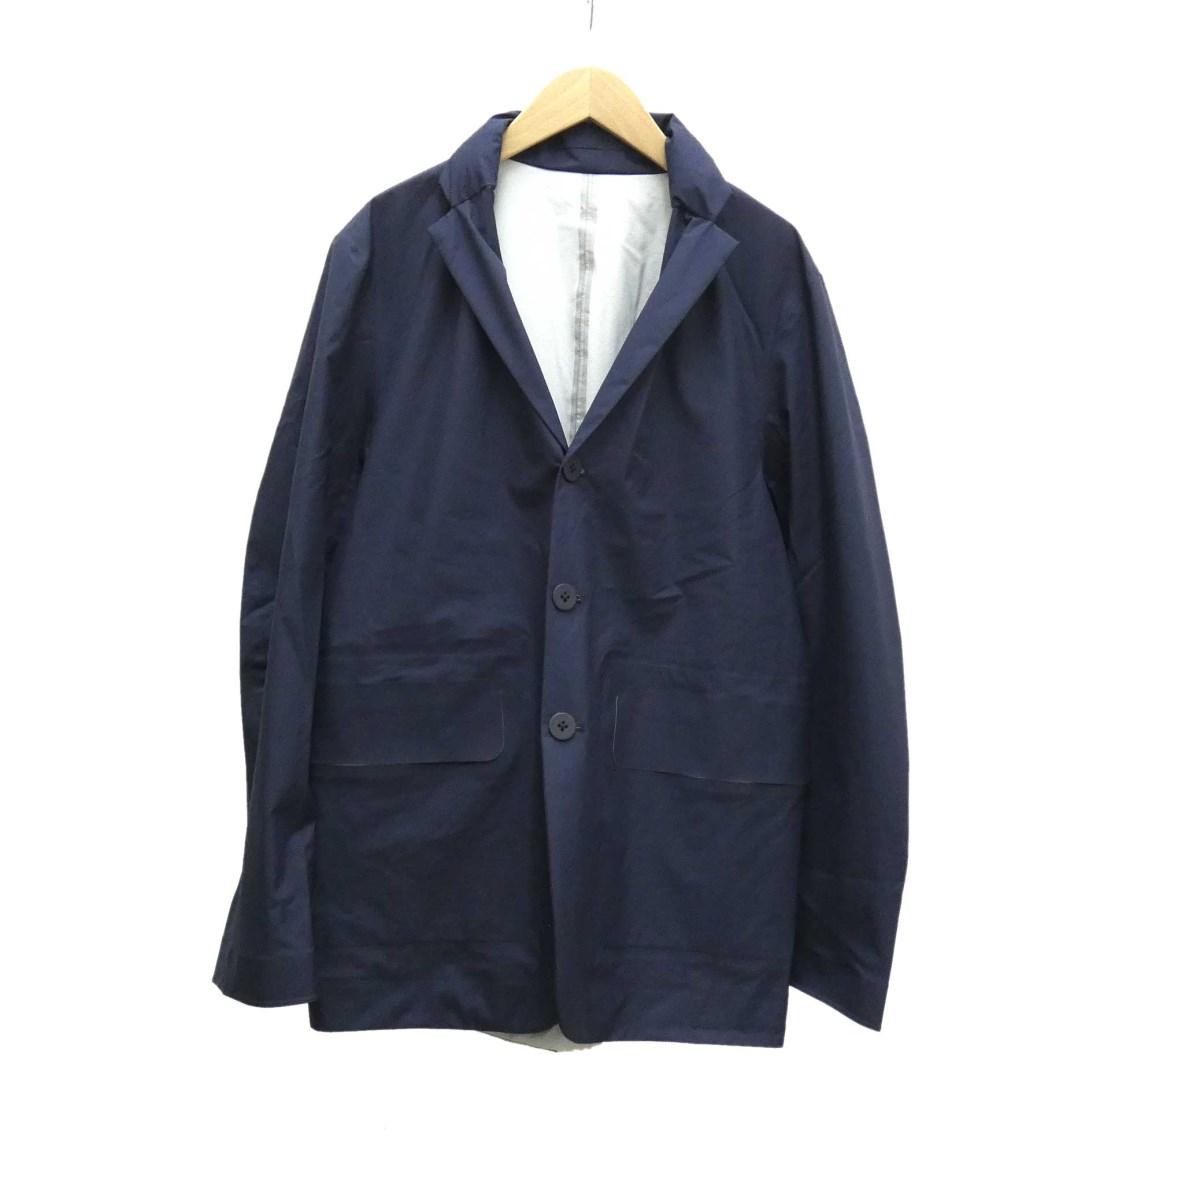 【中古】DESCENTEPackable Jacket ナイロンジャケット ネイビー サイズ:M 【4月16日見直し】